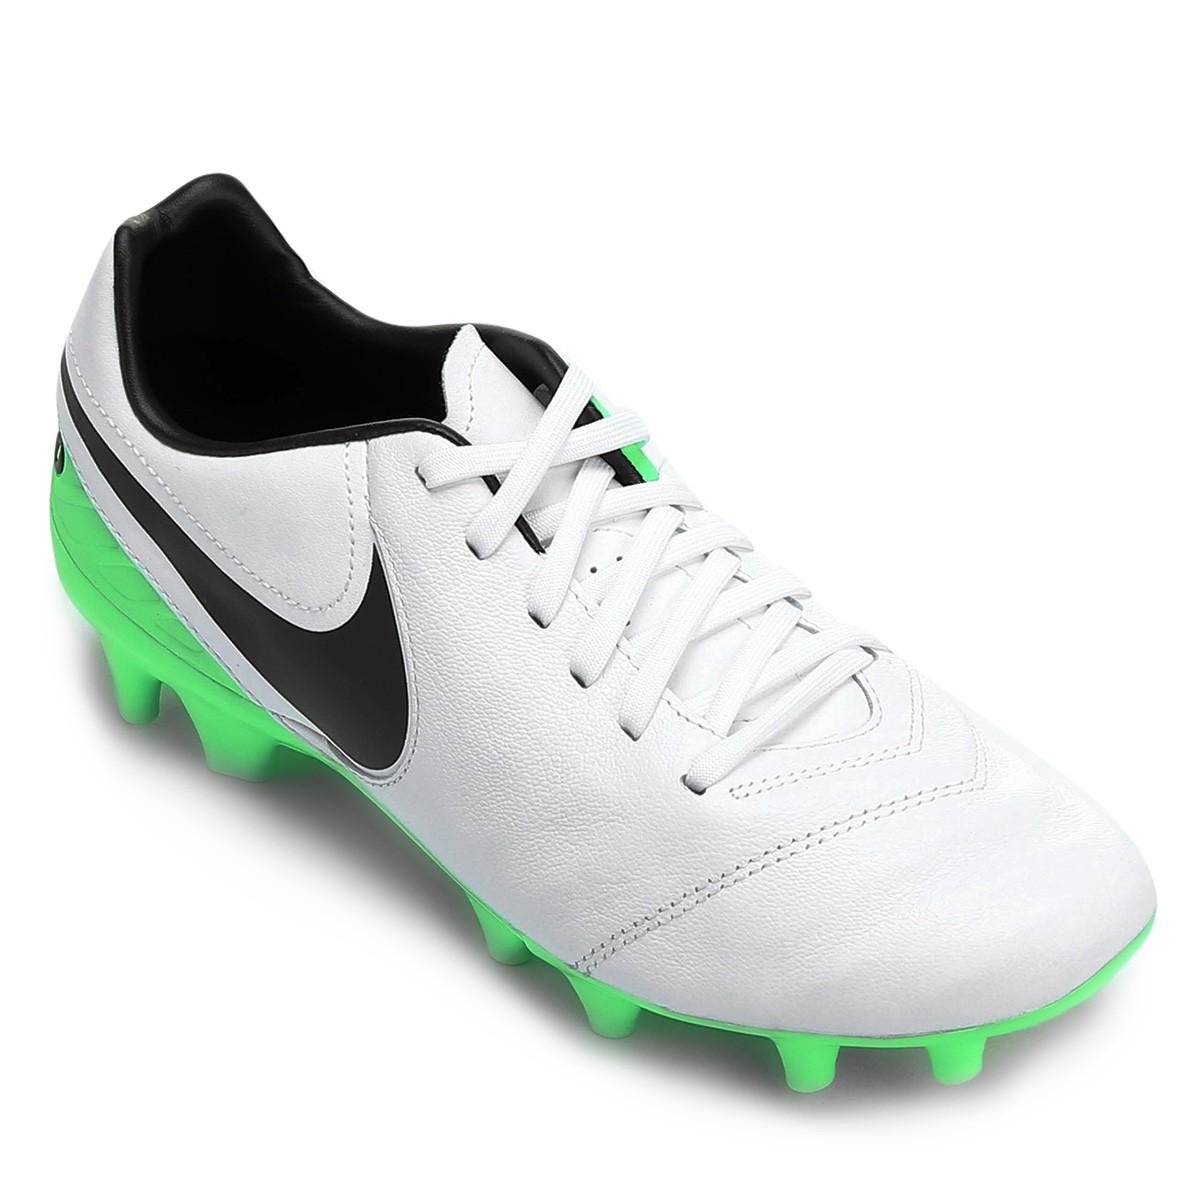 Chuteira Campo Nike Tiempo Mystic V FG 819236-103 - Branco Verde ... 7e6fe56566757